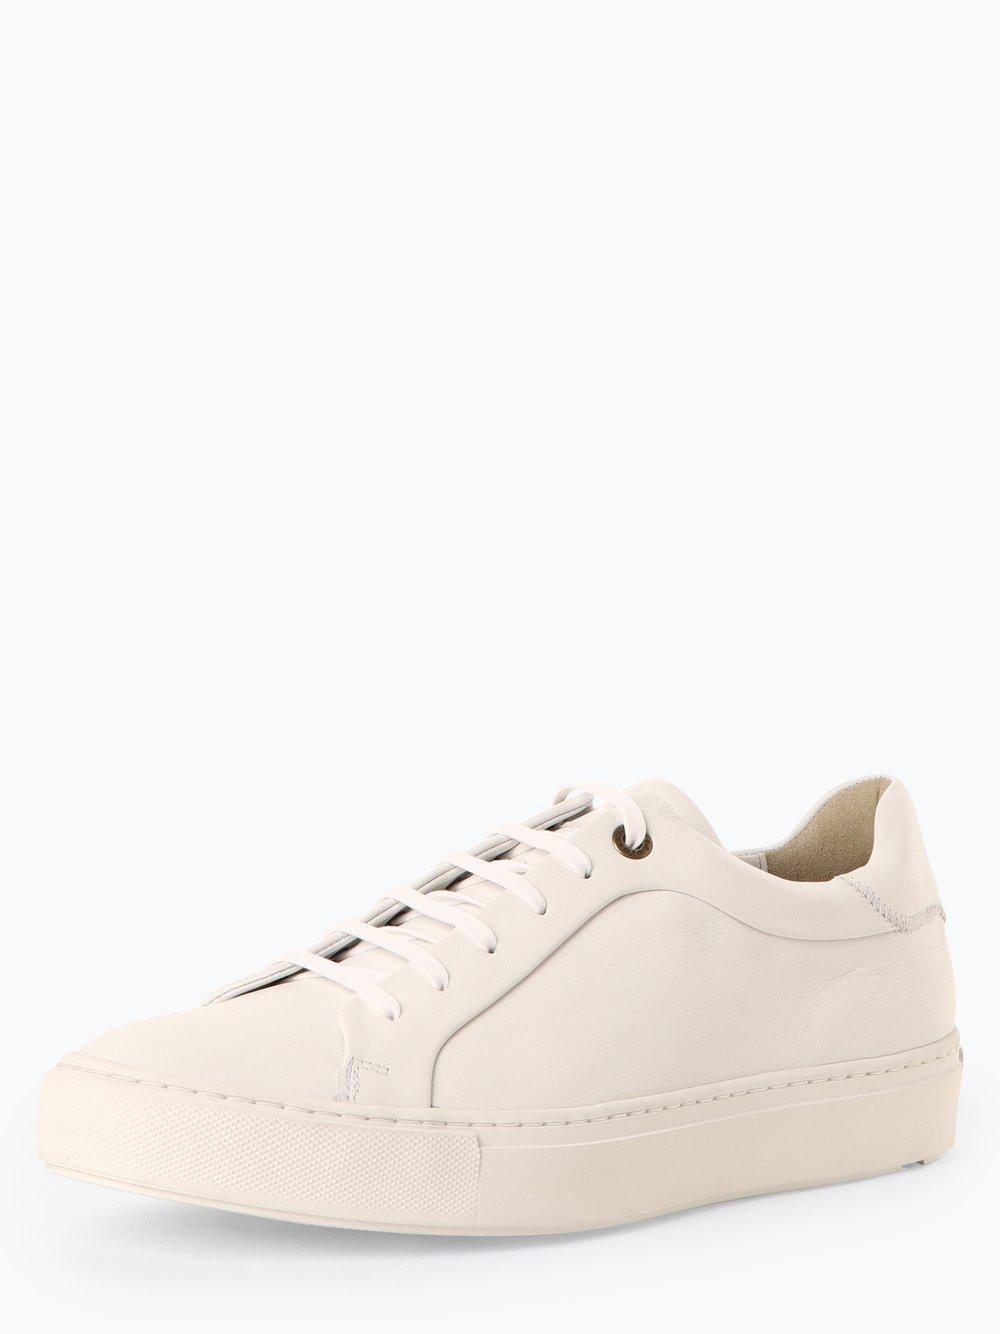 Lloyd – Męskie tenisówki ze skóry, biały Van Graaf 449207-0001